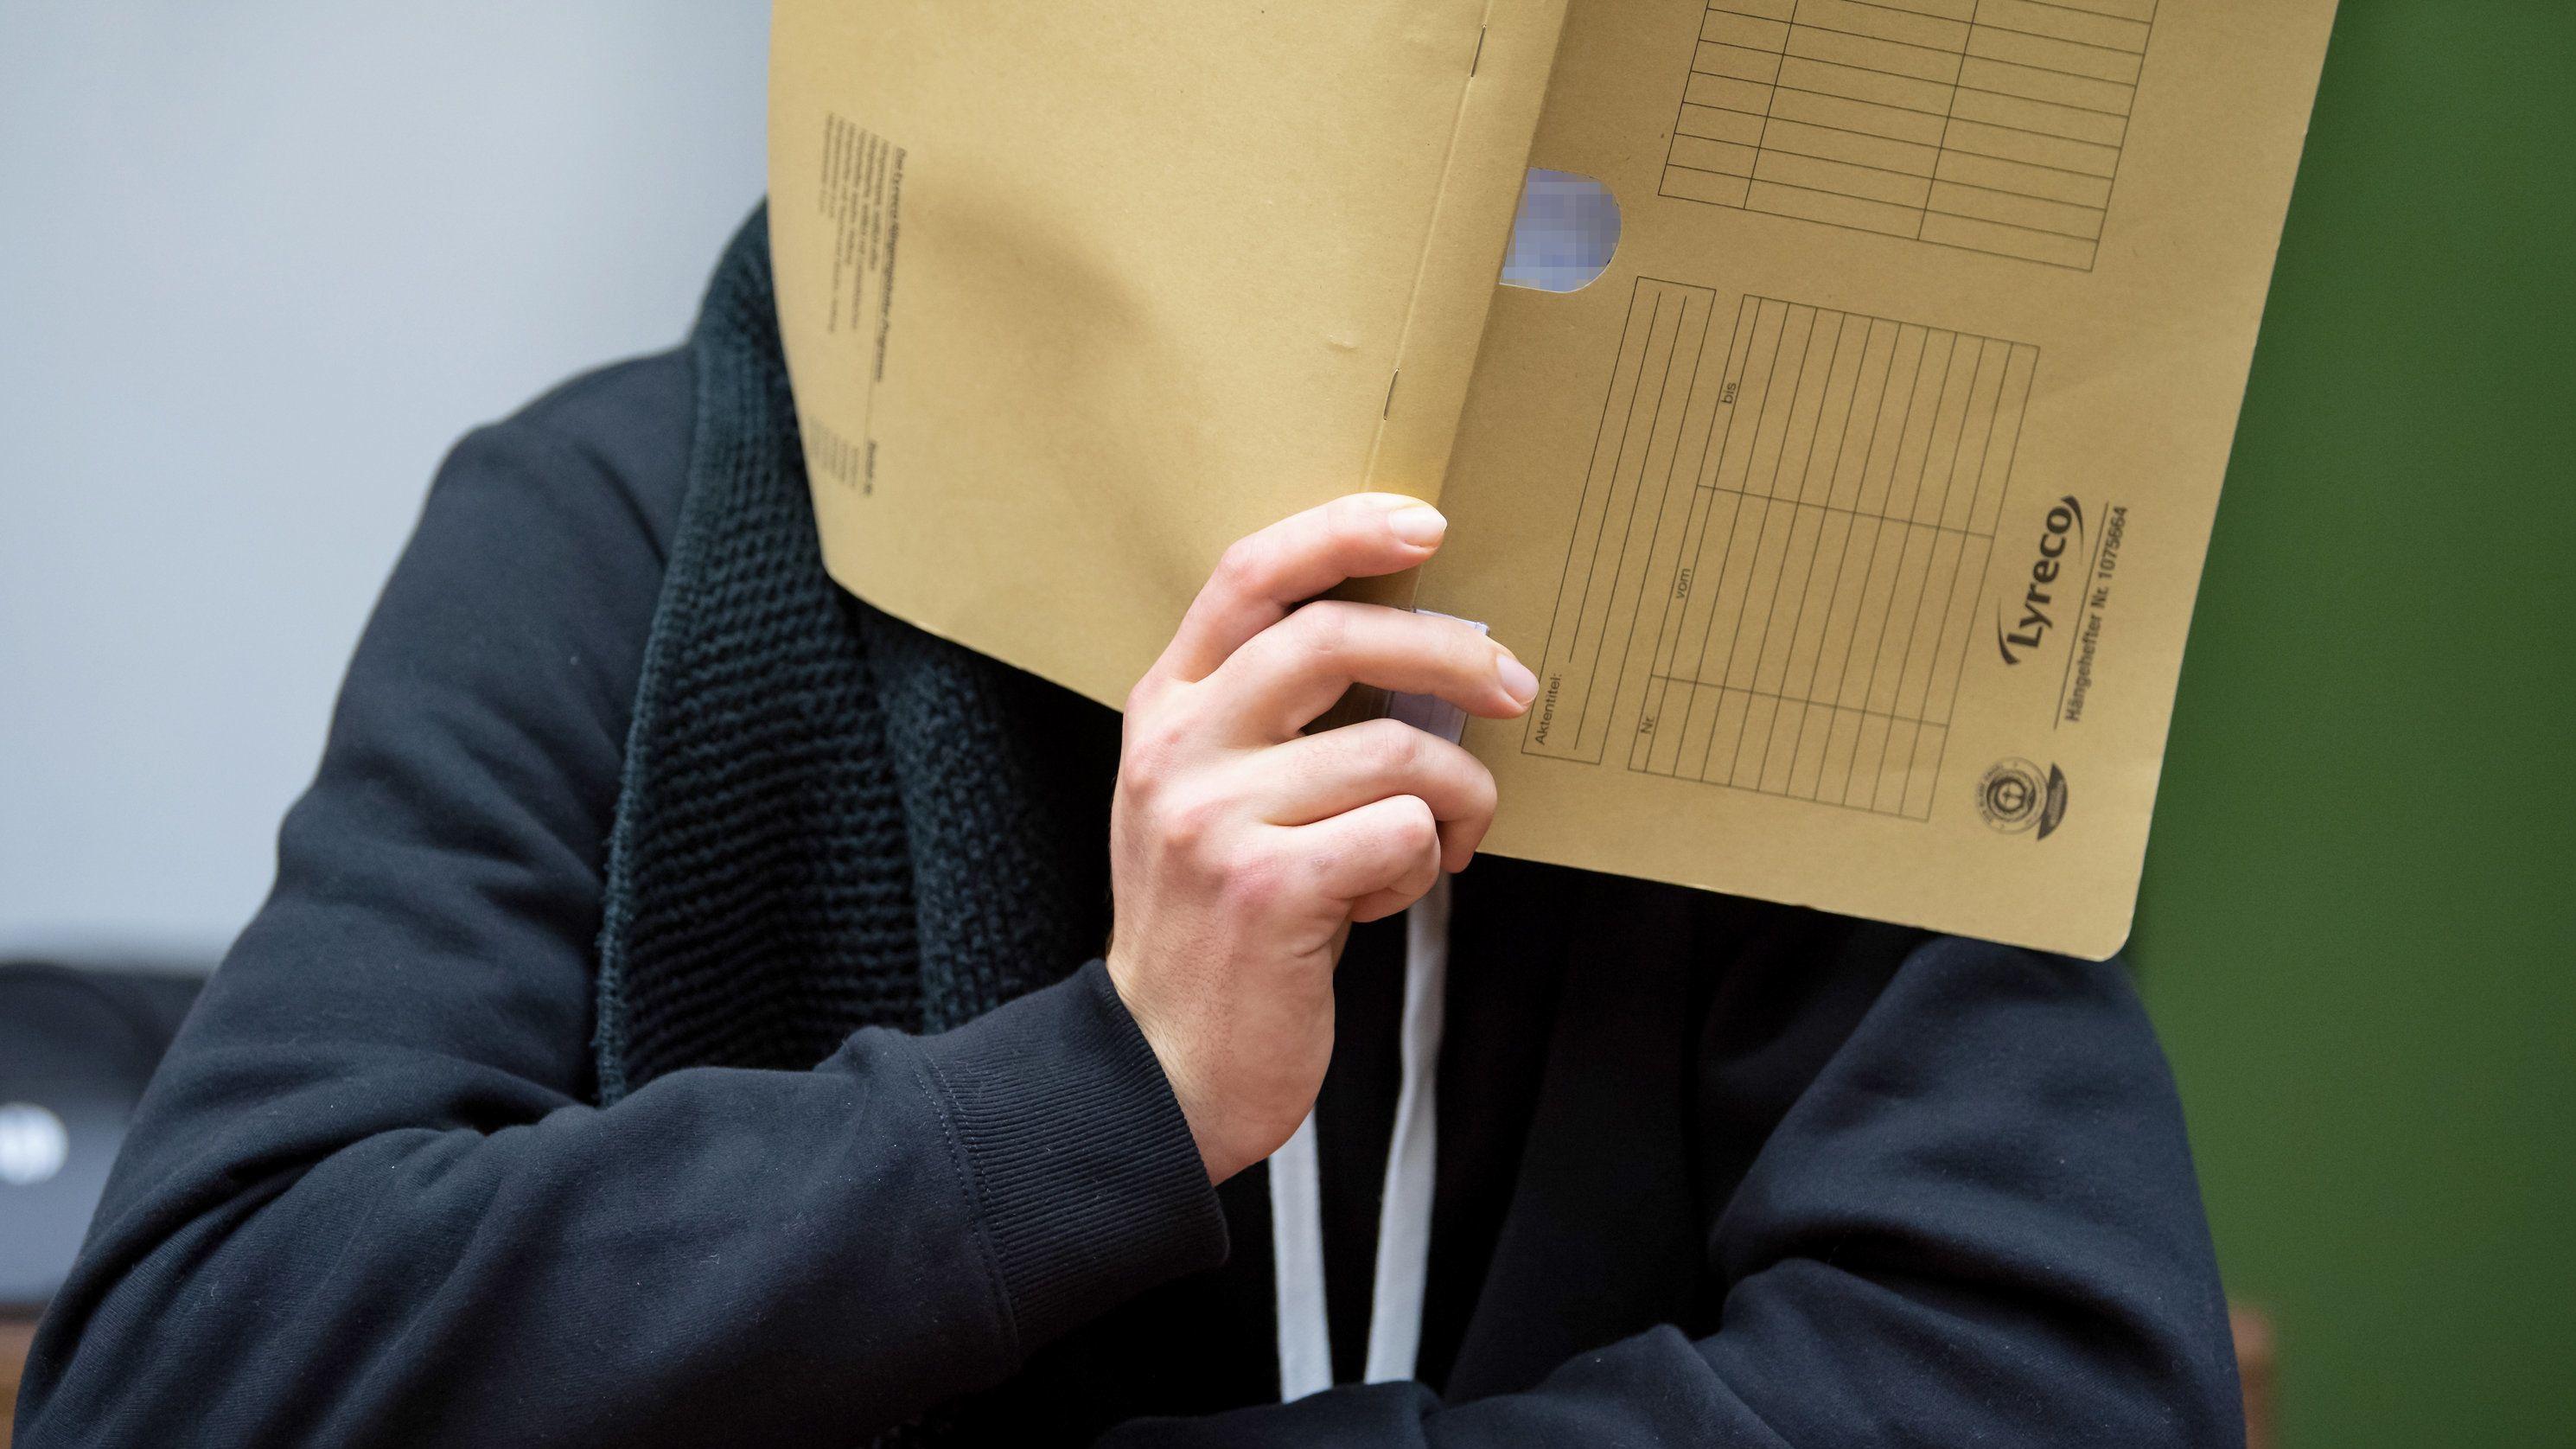 Der wegen versuchten Mordes an zahlreichen Frauen und Mädchen 30-jährige Angeklagte sitzt vor Prozessbeginn im Landgericht im Sitzungssaal.